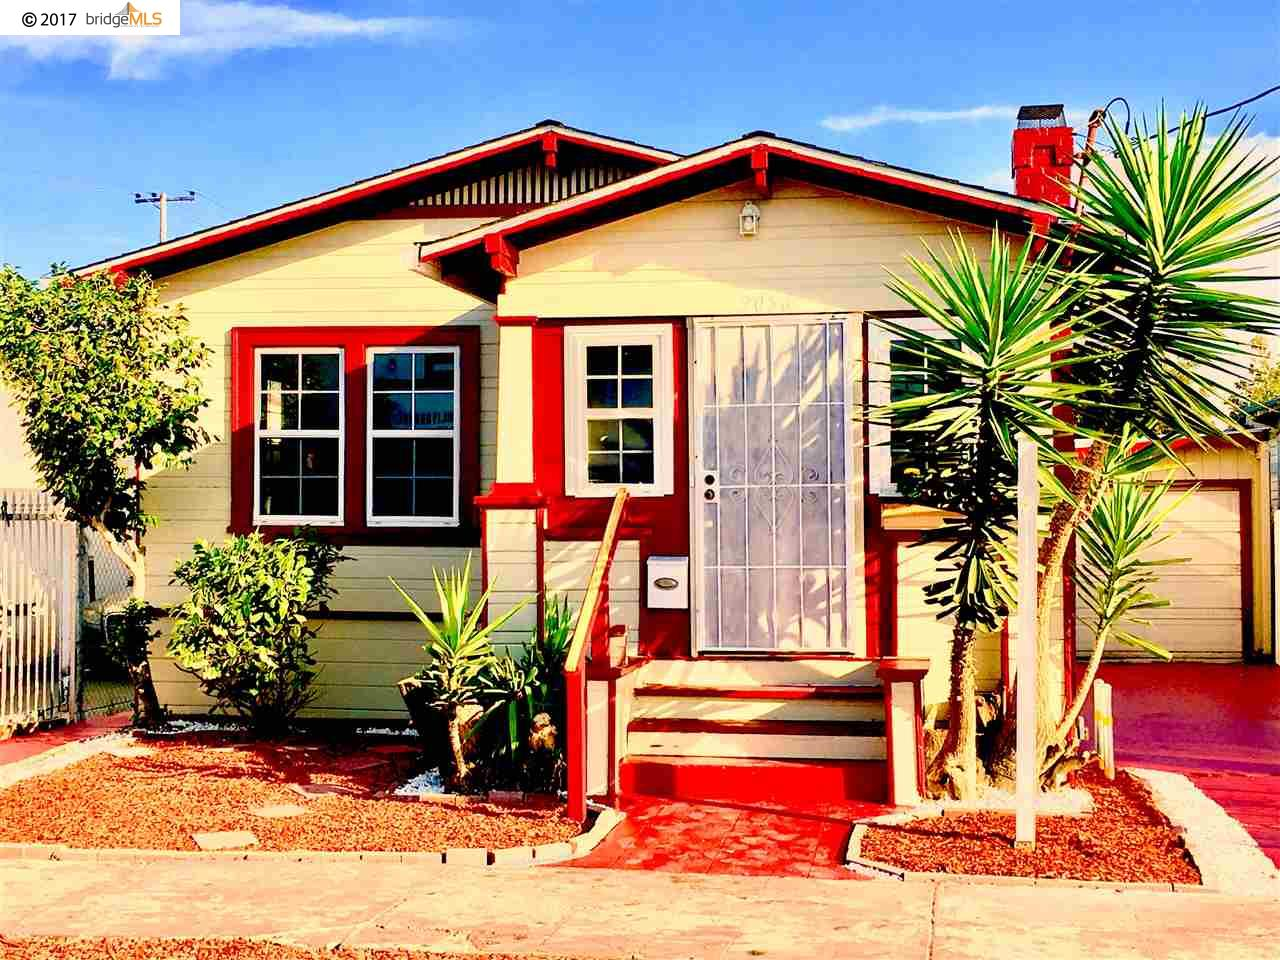 Частный односемейный дом для того Продажа на 2056 64Th Avenue 2056 64Th Avenue Oakland, Калифорния 94621 Соединенные Штаты